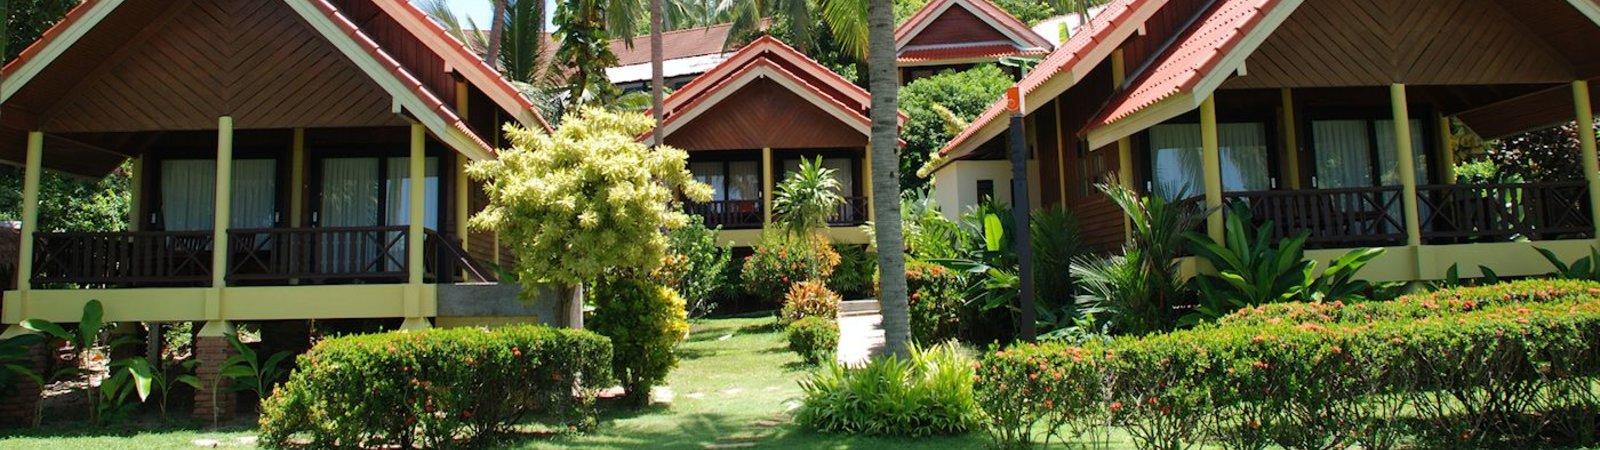 Ferienwohnungen & Ferienhäuser direkt von privat mieten oder vermieten?